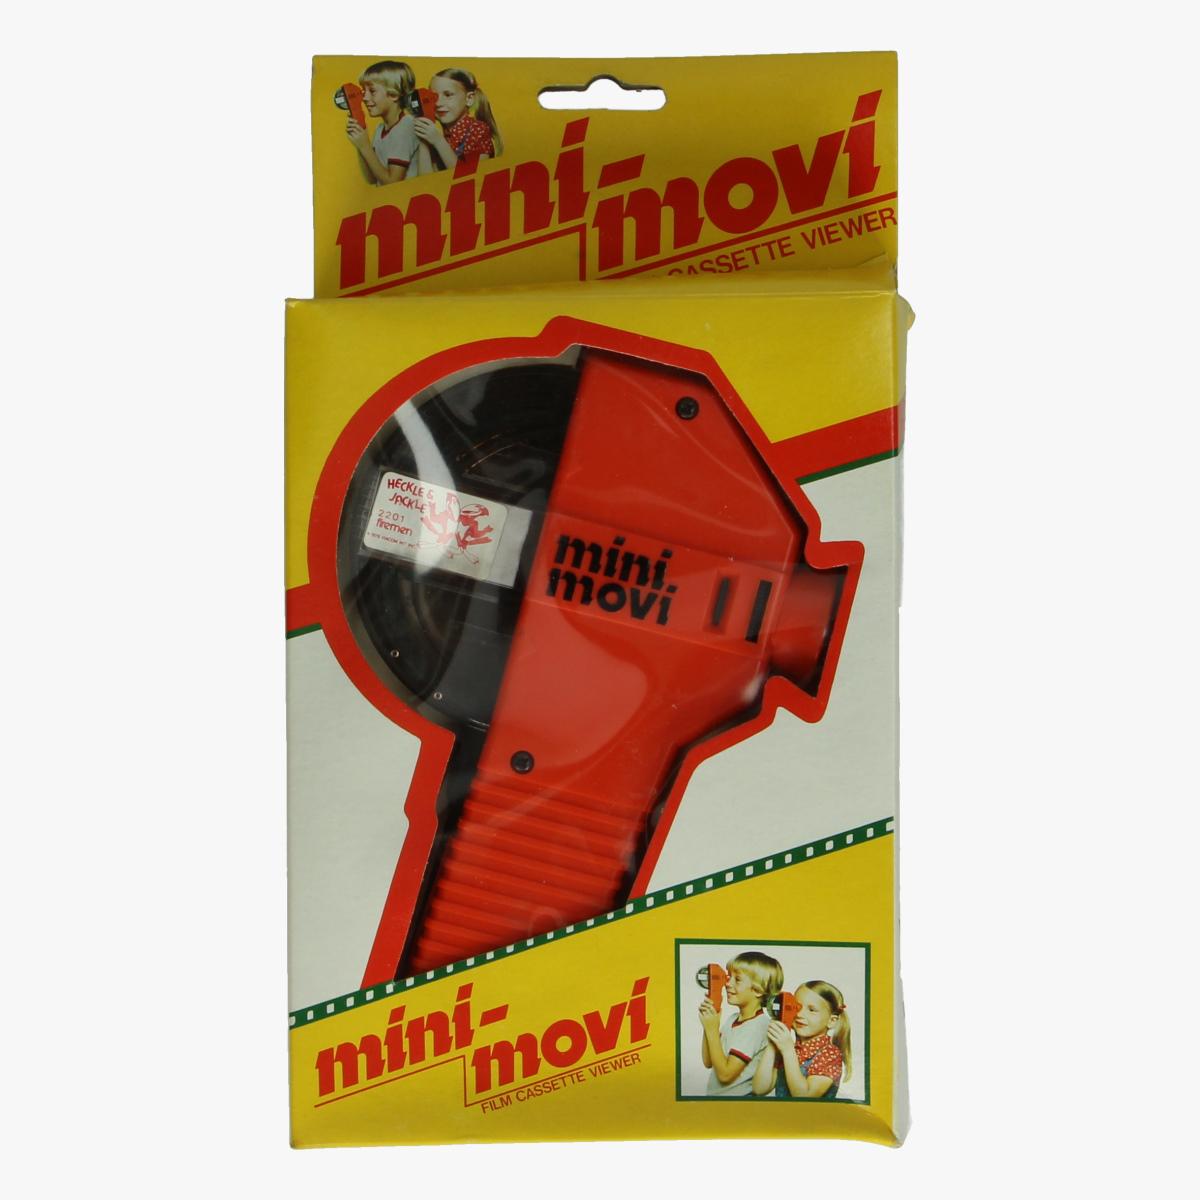 Afbeeldingen van Mini - Movi. Speelgoed. Film casette viewer.